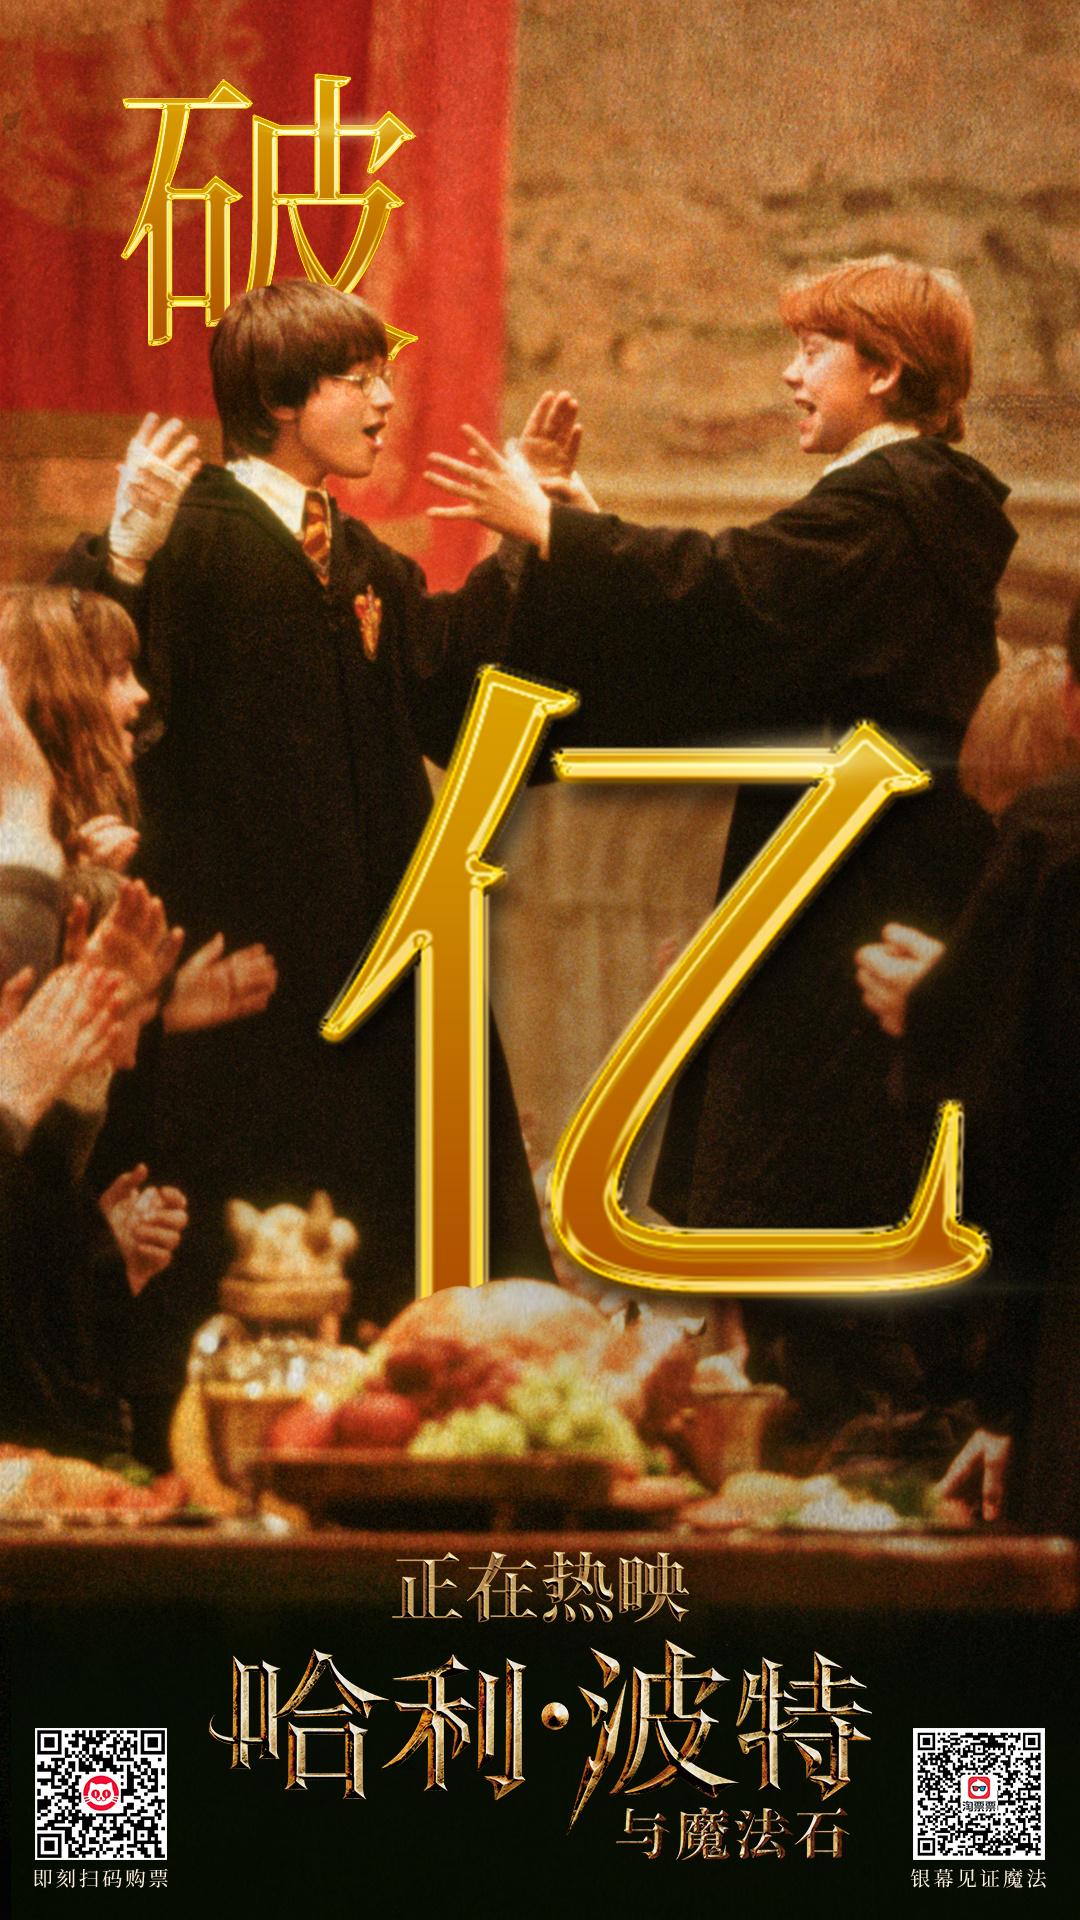 《哈利·波特与魔法石》破亿 成第三部过亿重映片